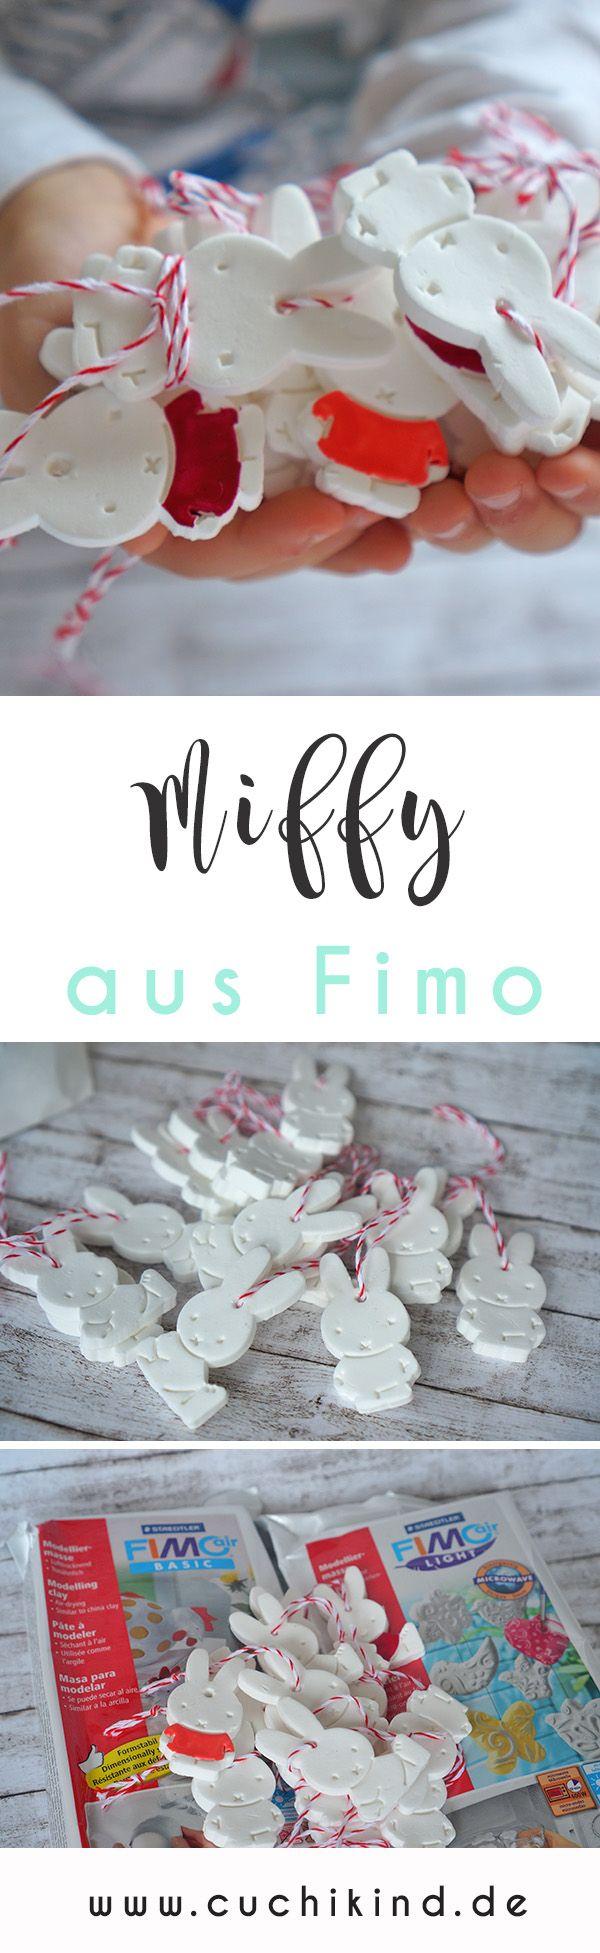 Eine tolle Bastelidee für und mit Kindern. Miffy aus Fimo. Aus Fimo-Air werden mit einer Miffy-Ausstechform die kleinen Hasen ausgestochen und angemalt. Mit Bäckergarn kann man sie noch als Anhänger nutzen. Süße Geschenkidee zu Ostern.